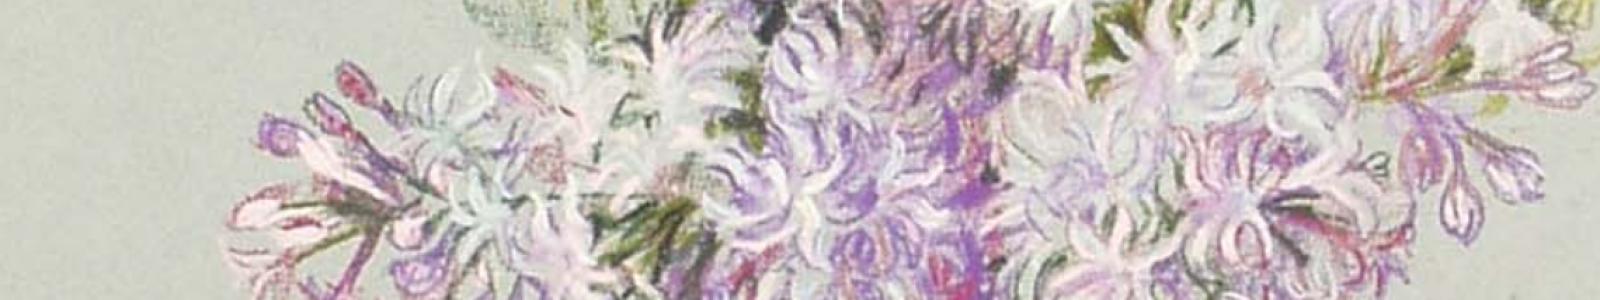 Gallery Painter Svitlana Shevchenko